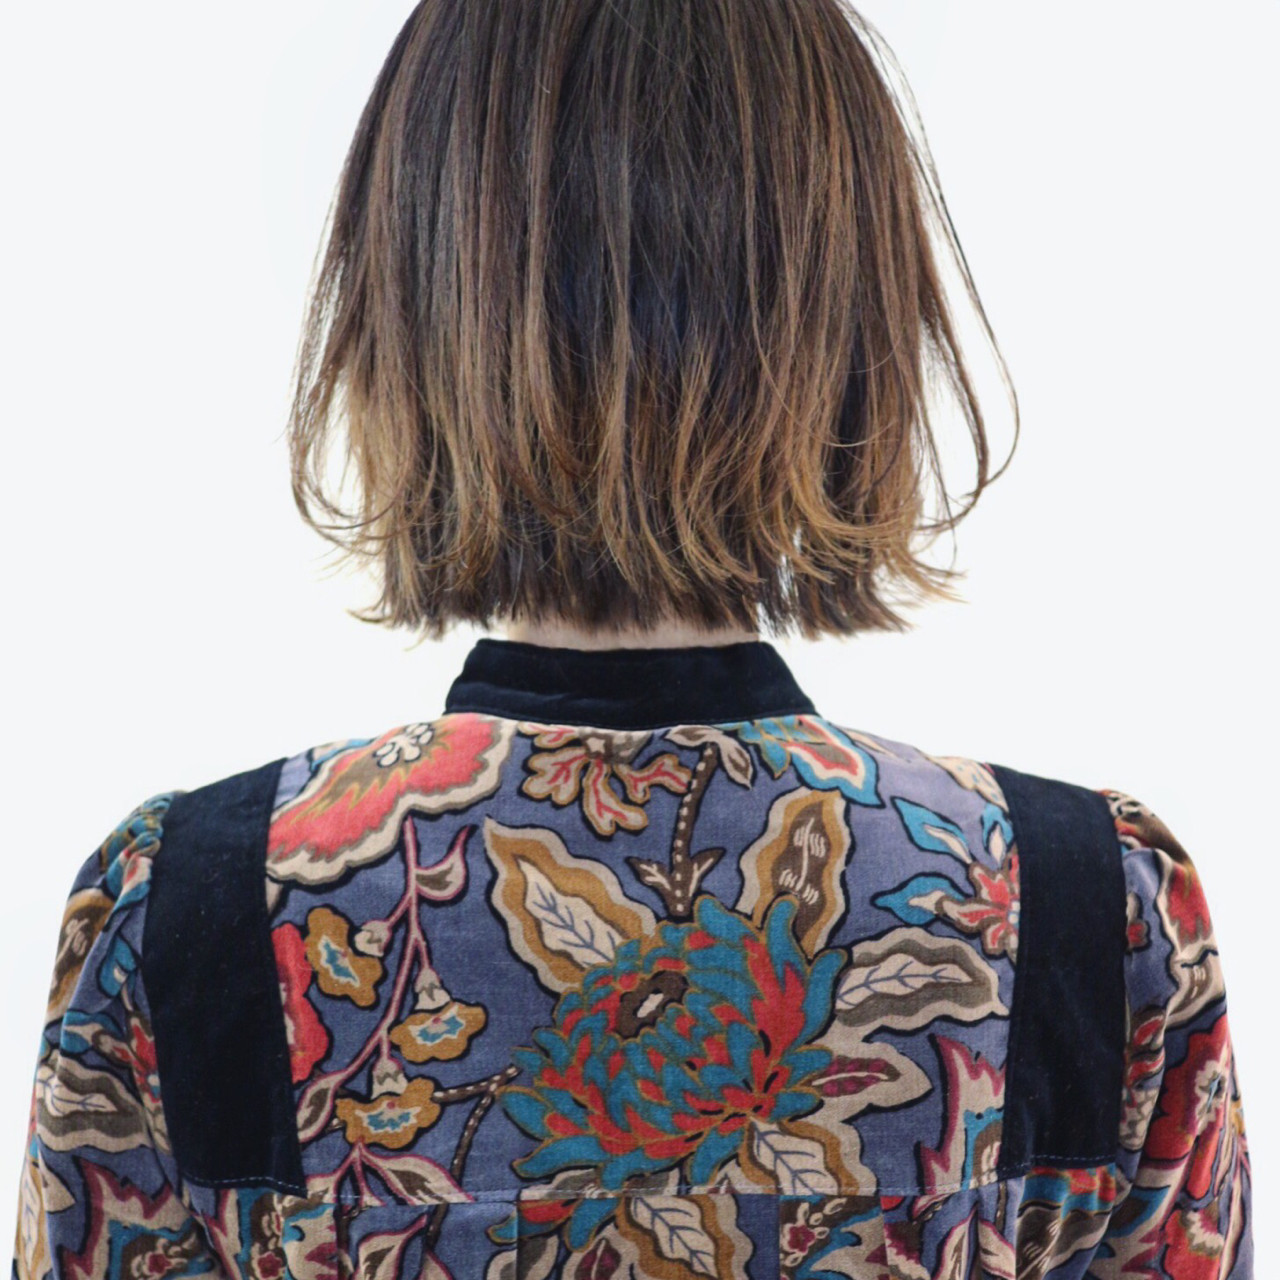 外ハネ バレイヤージュ インナーカラー グラデーションカラー ヘアスタイルや髪型の写真・画像